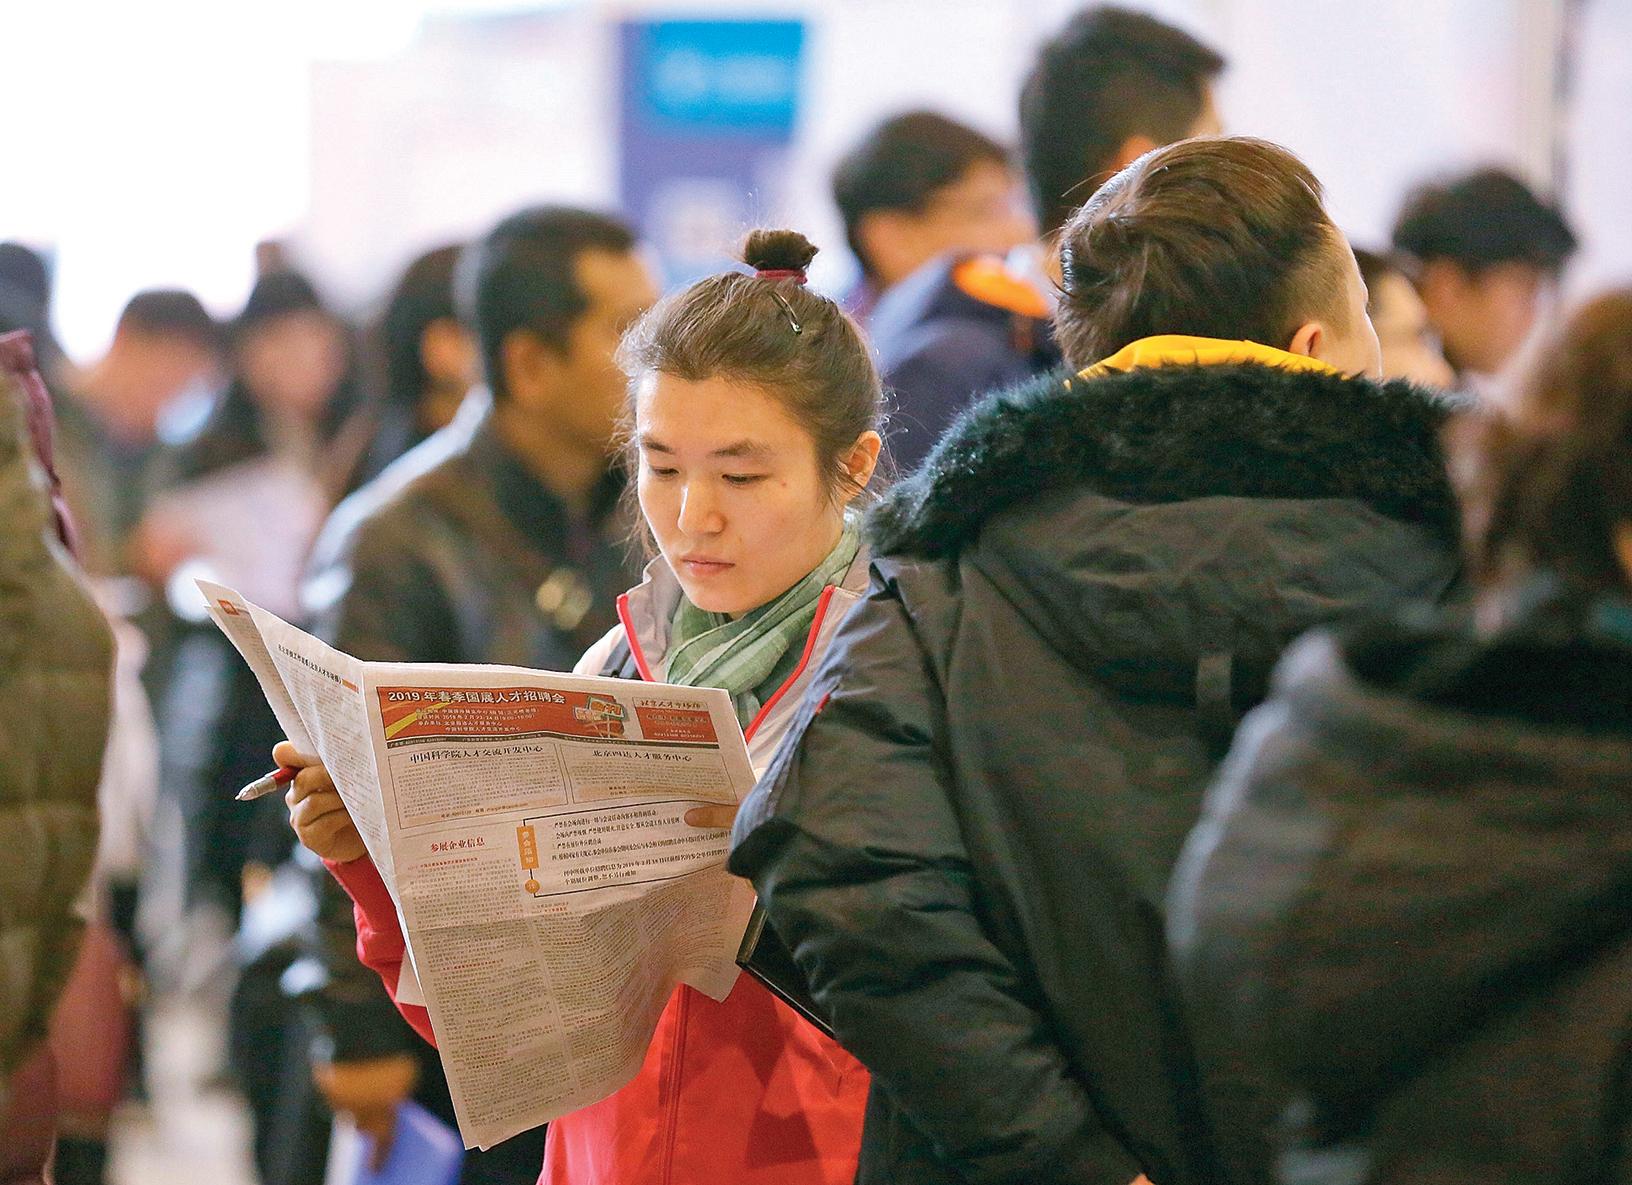 2月23日,北京的一個春季人才招聘會上應聘人員瀏覽招聘材料。(大紀元資料室)